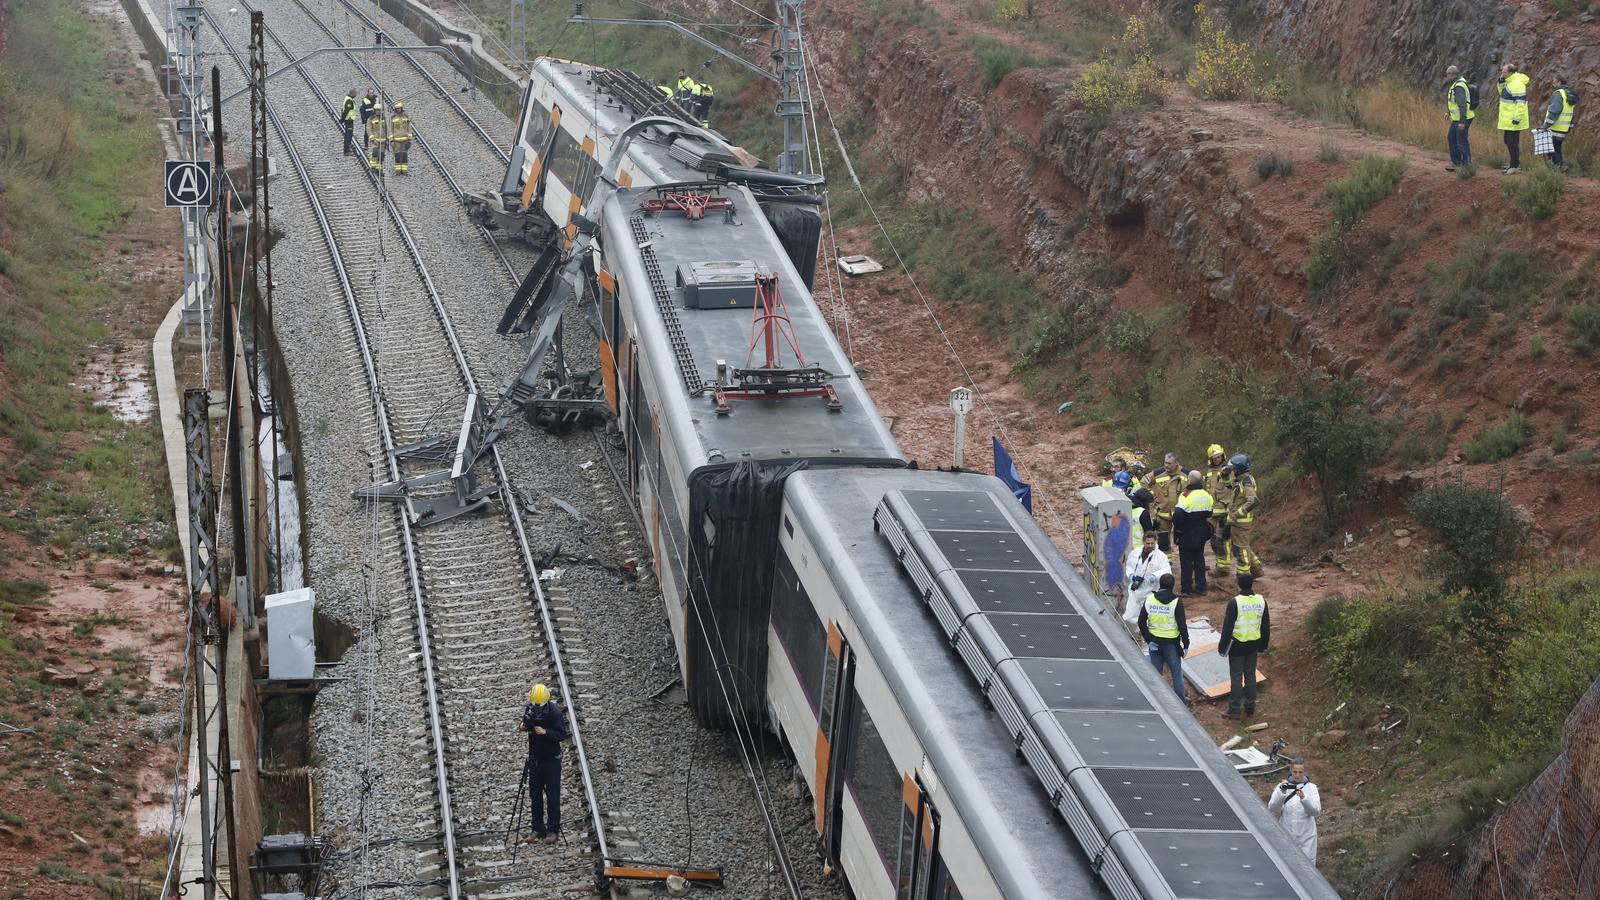 Descarrila Un Tren De Rodalies Per Una Esllavissada I Causa Un Mort